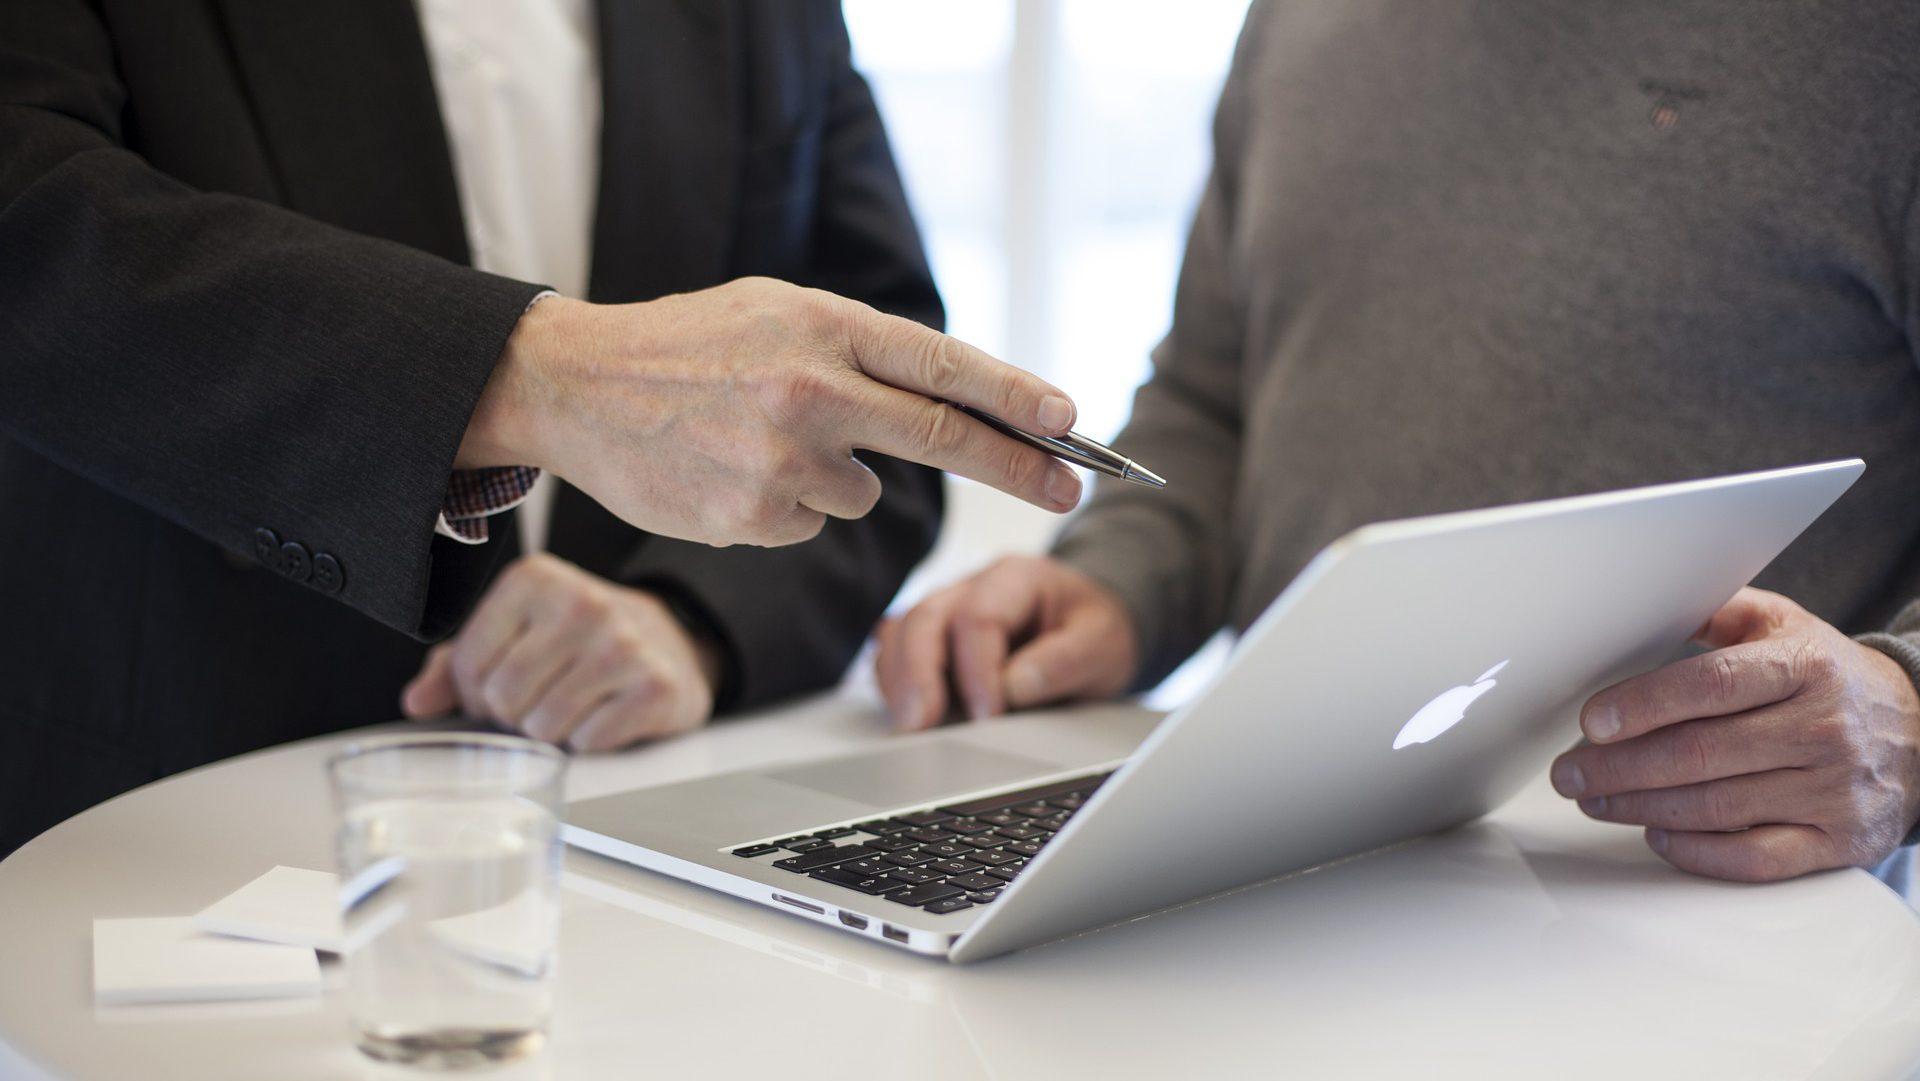 Ostróda: Prawnik i psycholog – bezpłatne konsultacje